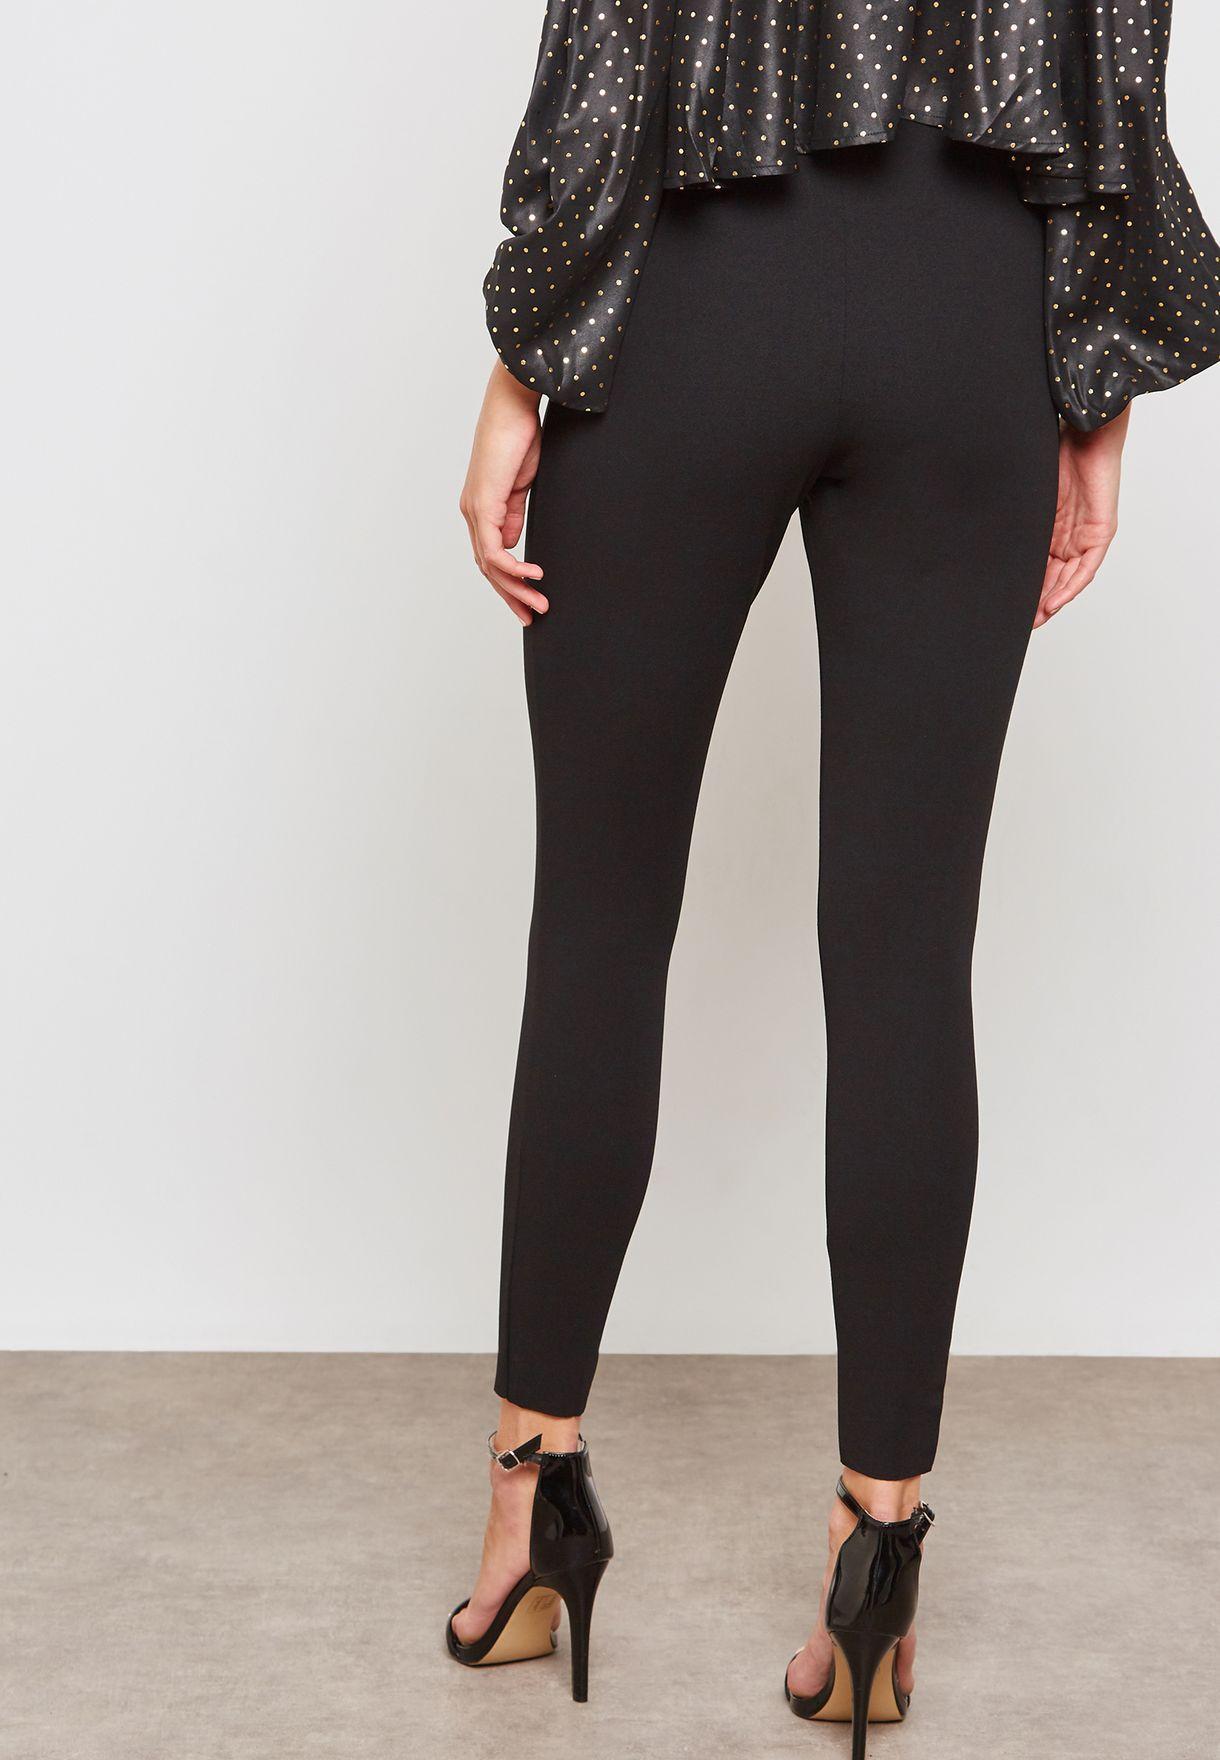 ee106bda7306b Shop Missguided black Skinny Fit Cigarette Pants WSR9334722 for ...